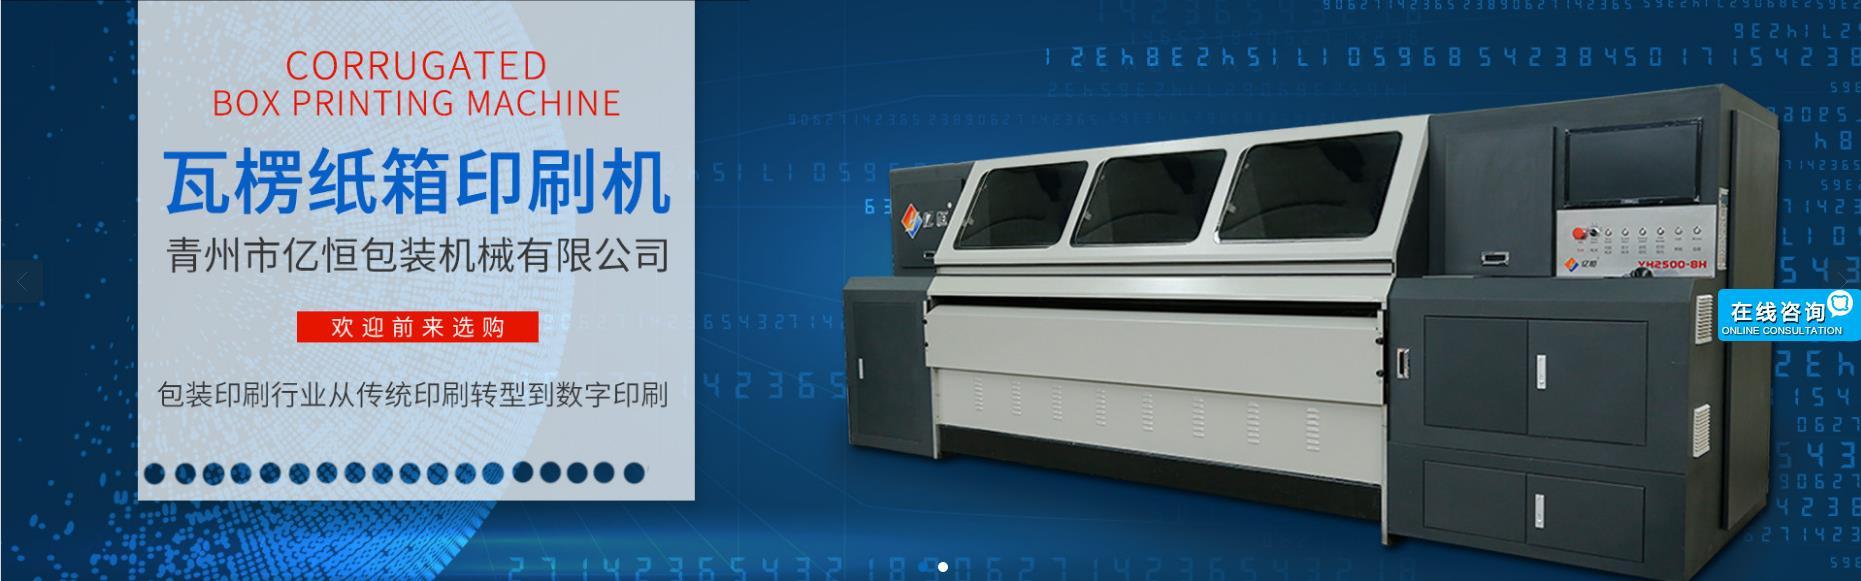 青州市亿恒包装机械有限公司